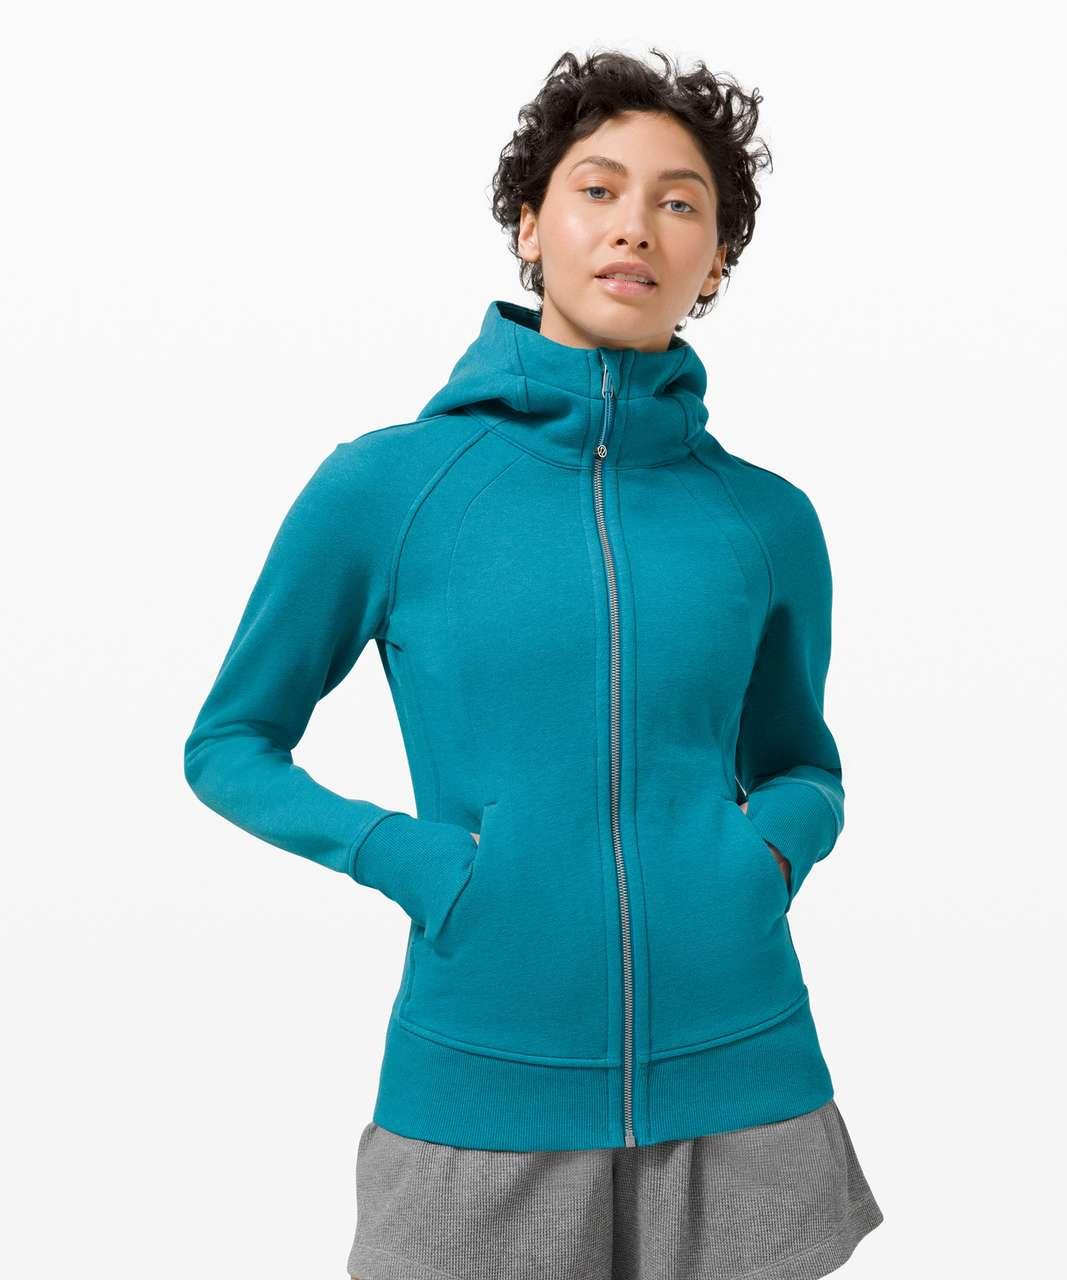 Lululemon Scuba Hoodie *Light Cotton Fleece - Heathered Hawaiian Blue